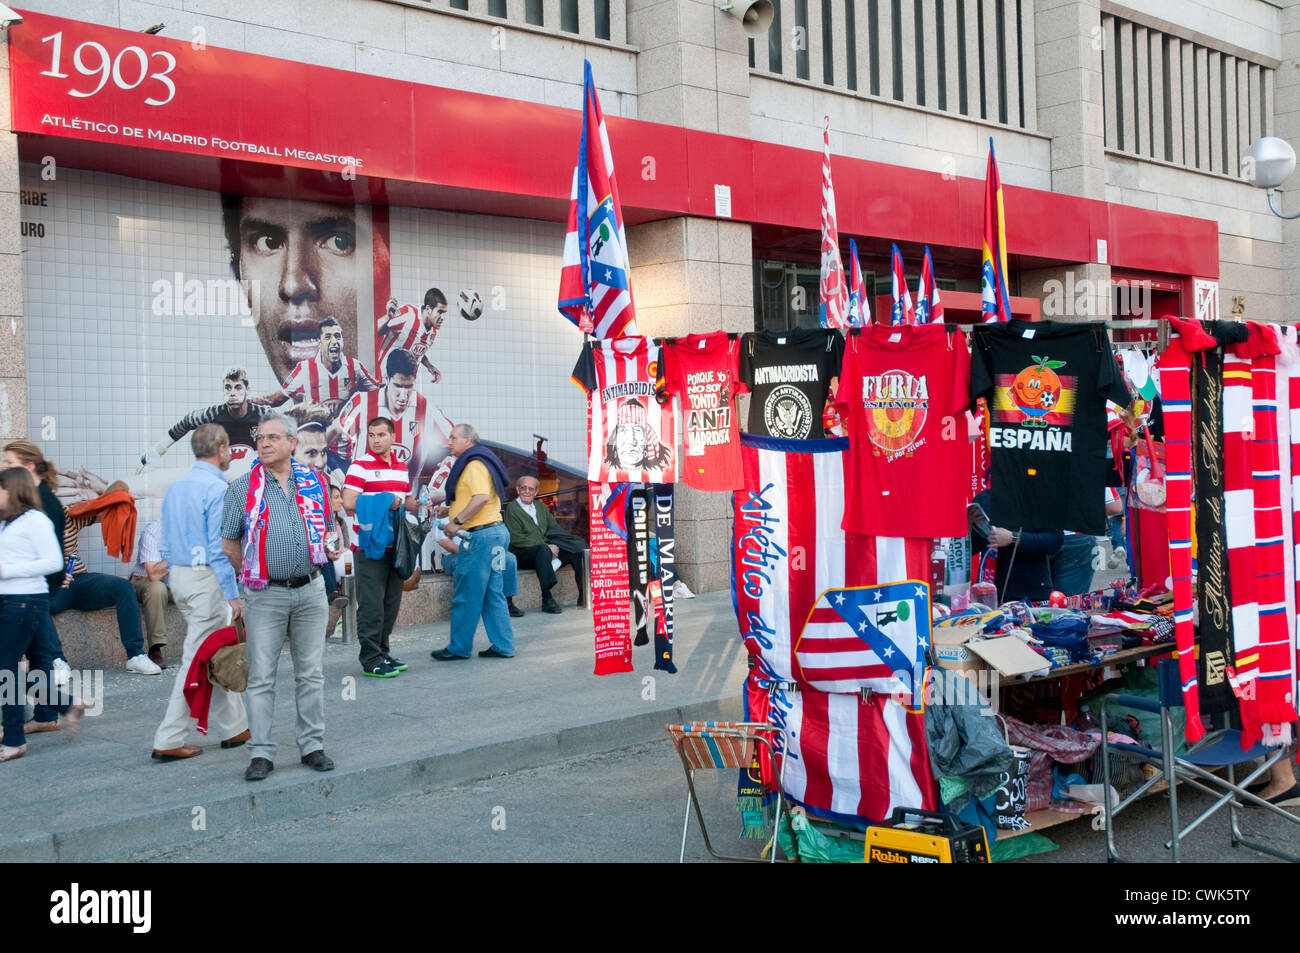 Atmósfera ante el Atlético de Madrid-Hercules partido de fútbol. Estadio Vicente Calderon, Madrid, Imagen De Stock